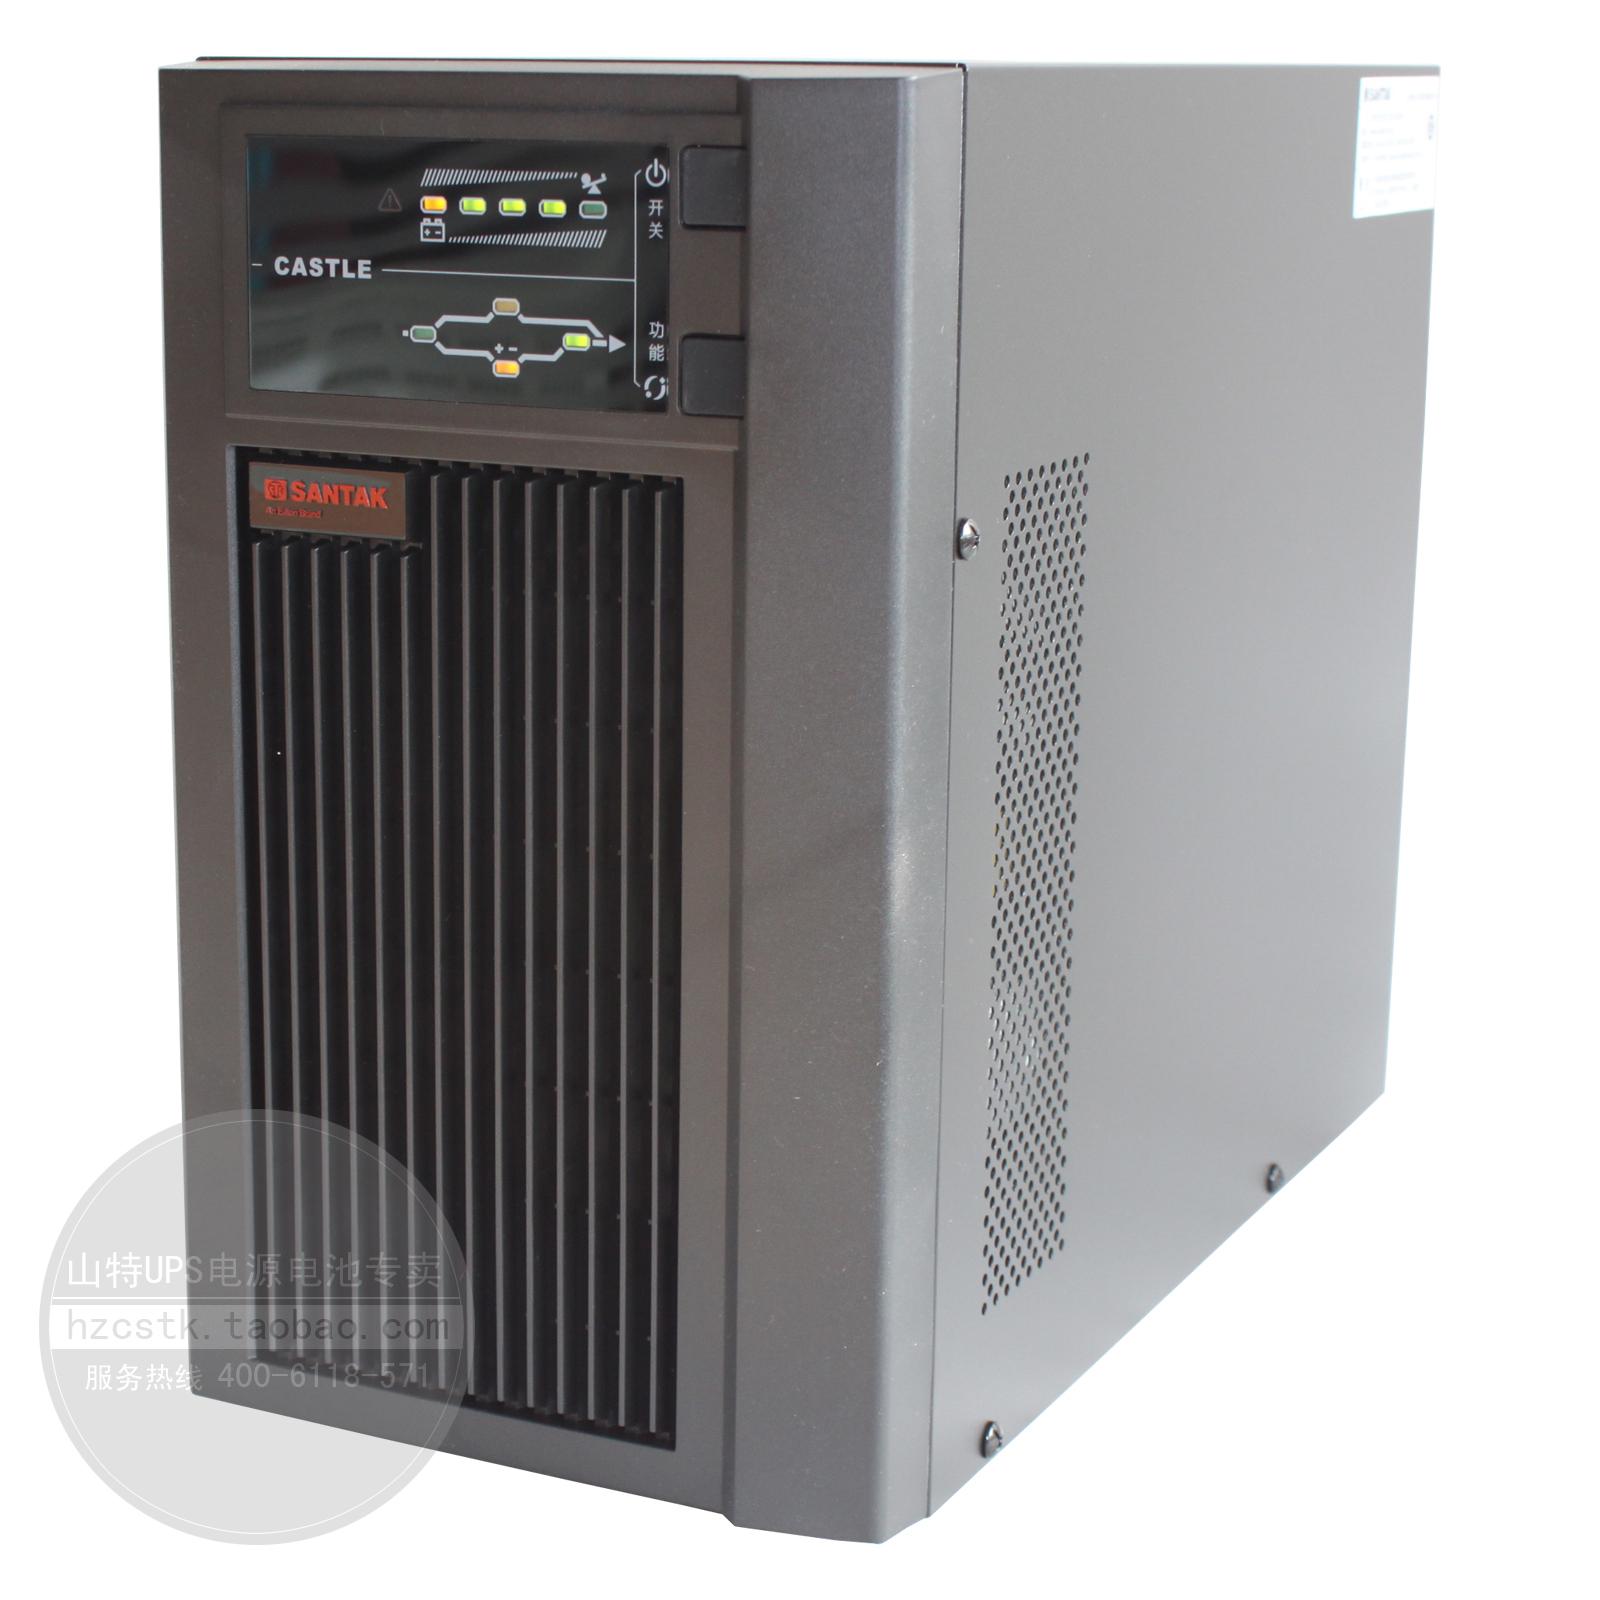 山特SANTAK UPS不间断电源C3K 2400W稳压20分钟在线式CASTLE 3KVA